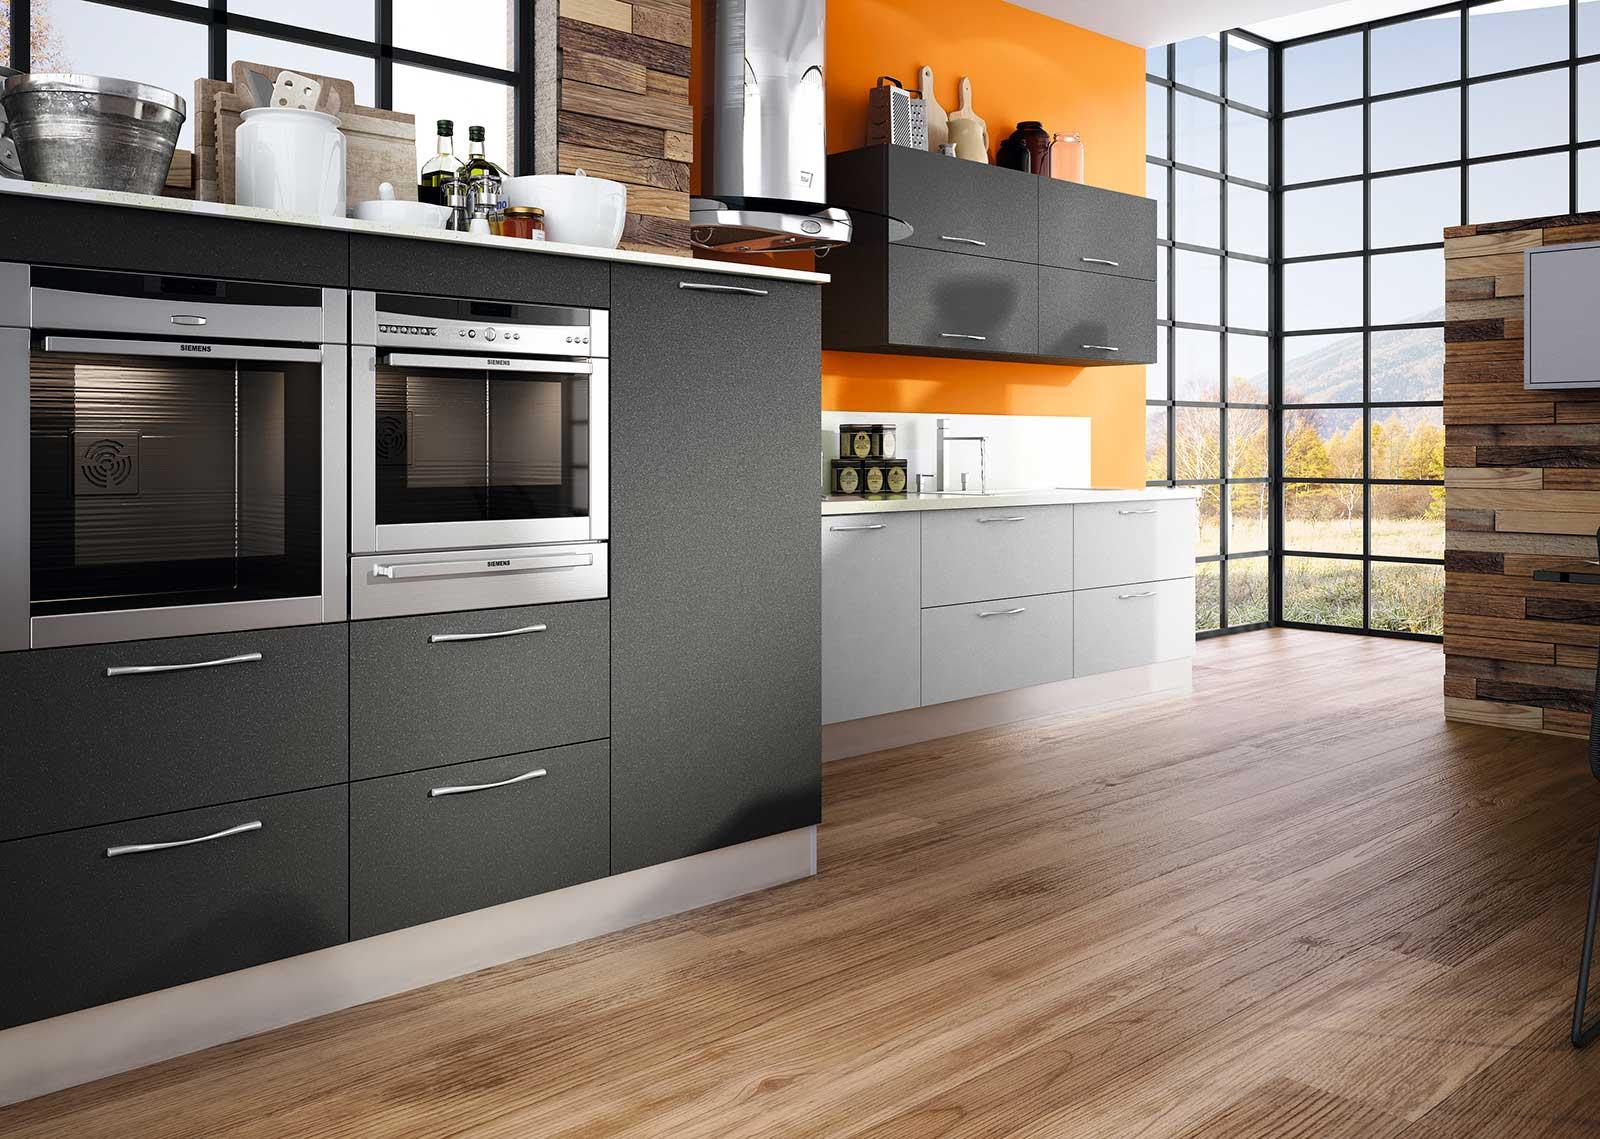 Cocina 02 cocinas capis dise o y fabricaci n de cocinas for Configurador cocinas